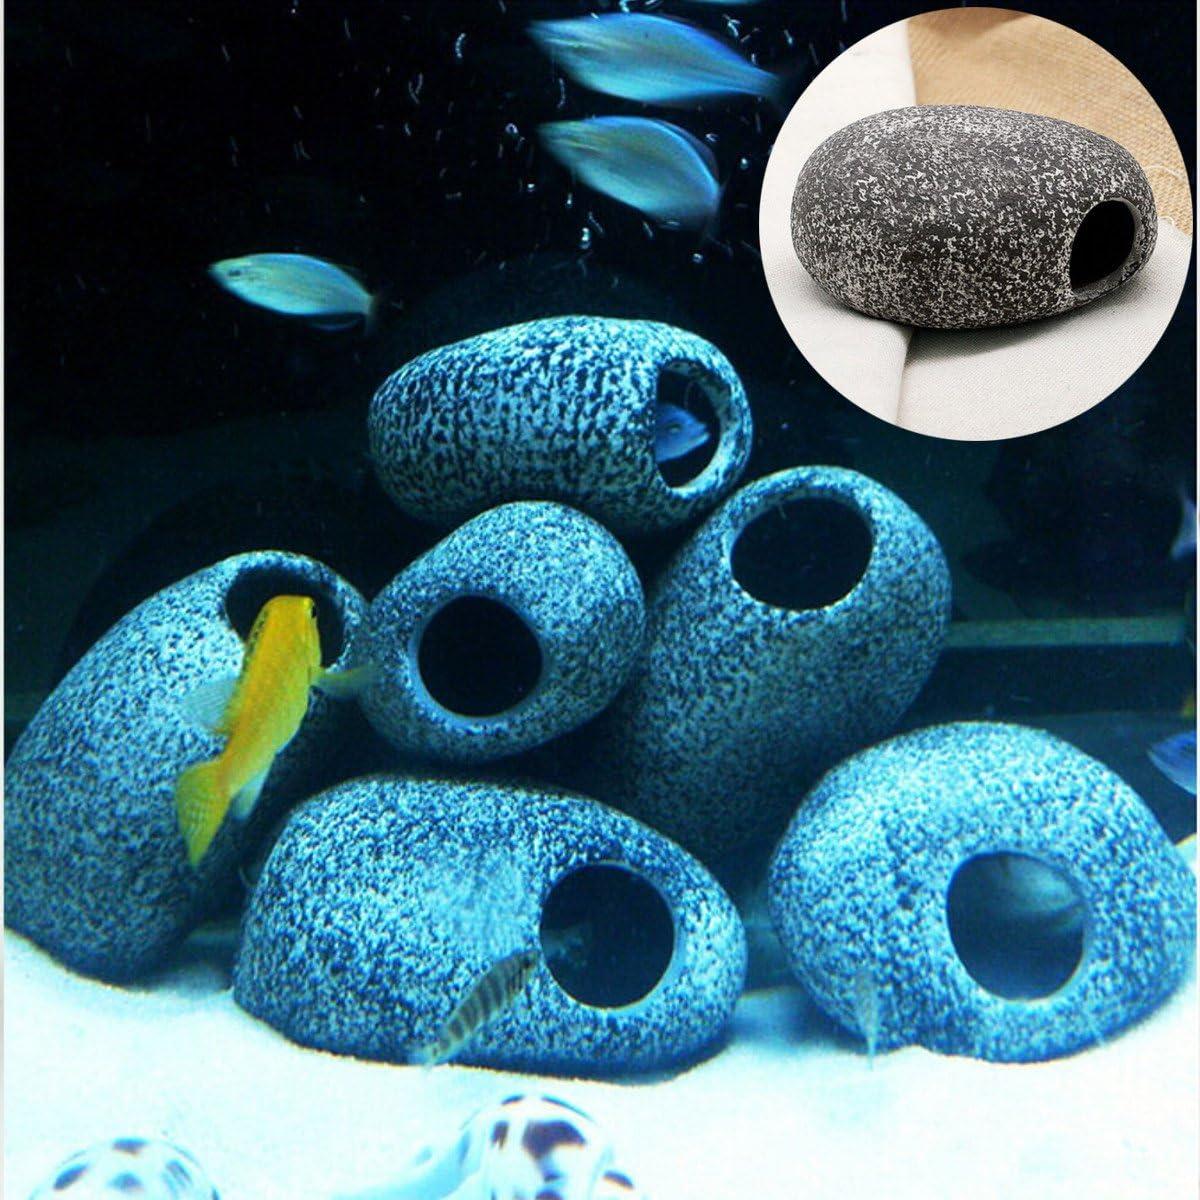 Underwater Galleries AUG6701 15-Pack Cichlid Stone